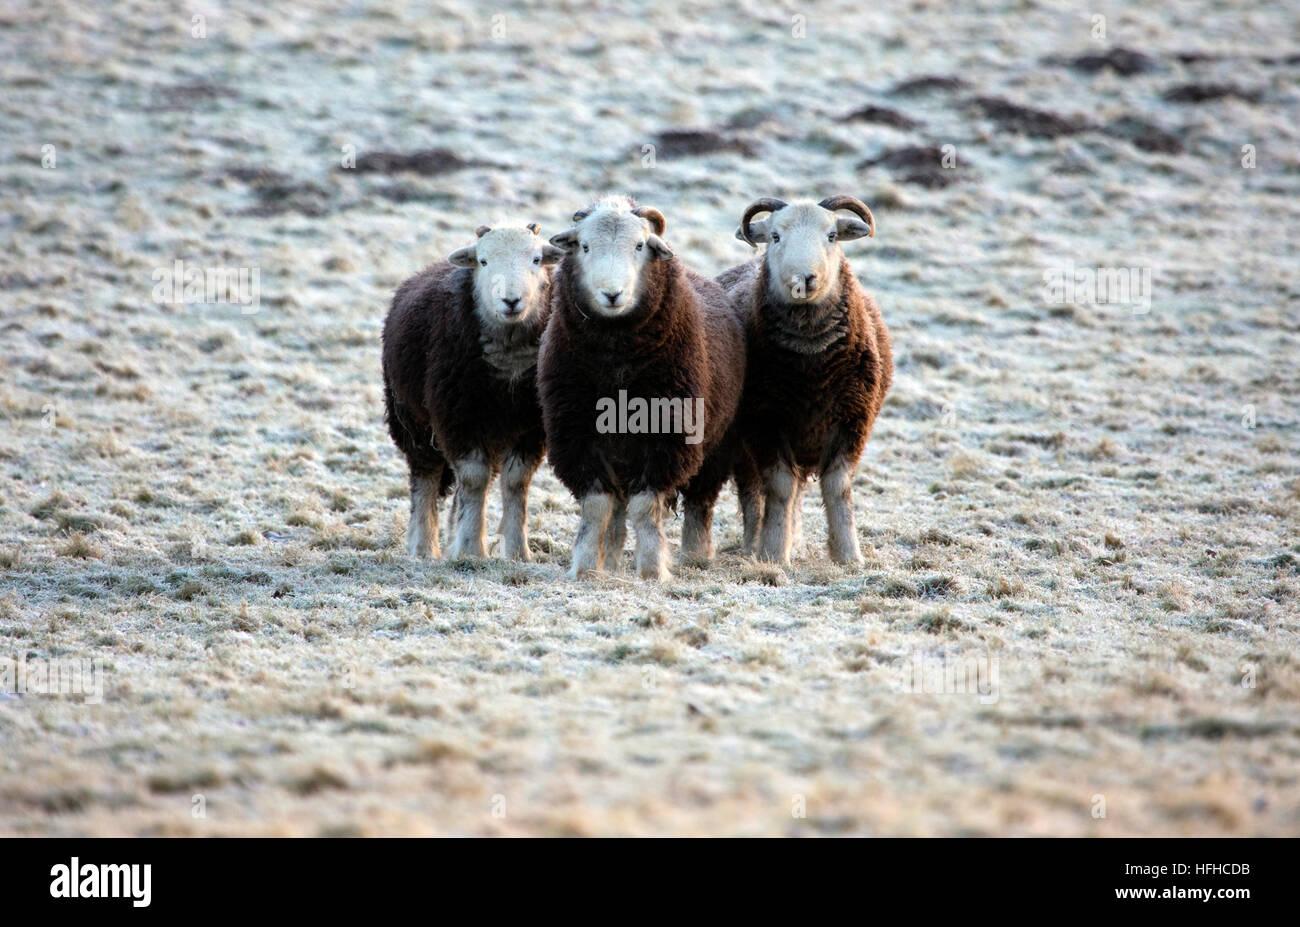 Herdwick sheep ewe braving freezing temperatures in Flintshire, North Wales - Stock Image